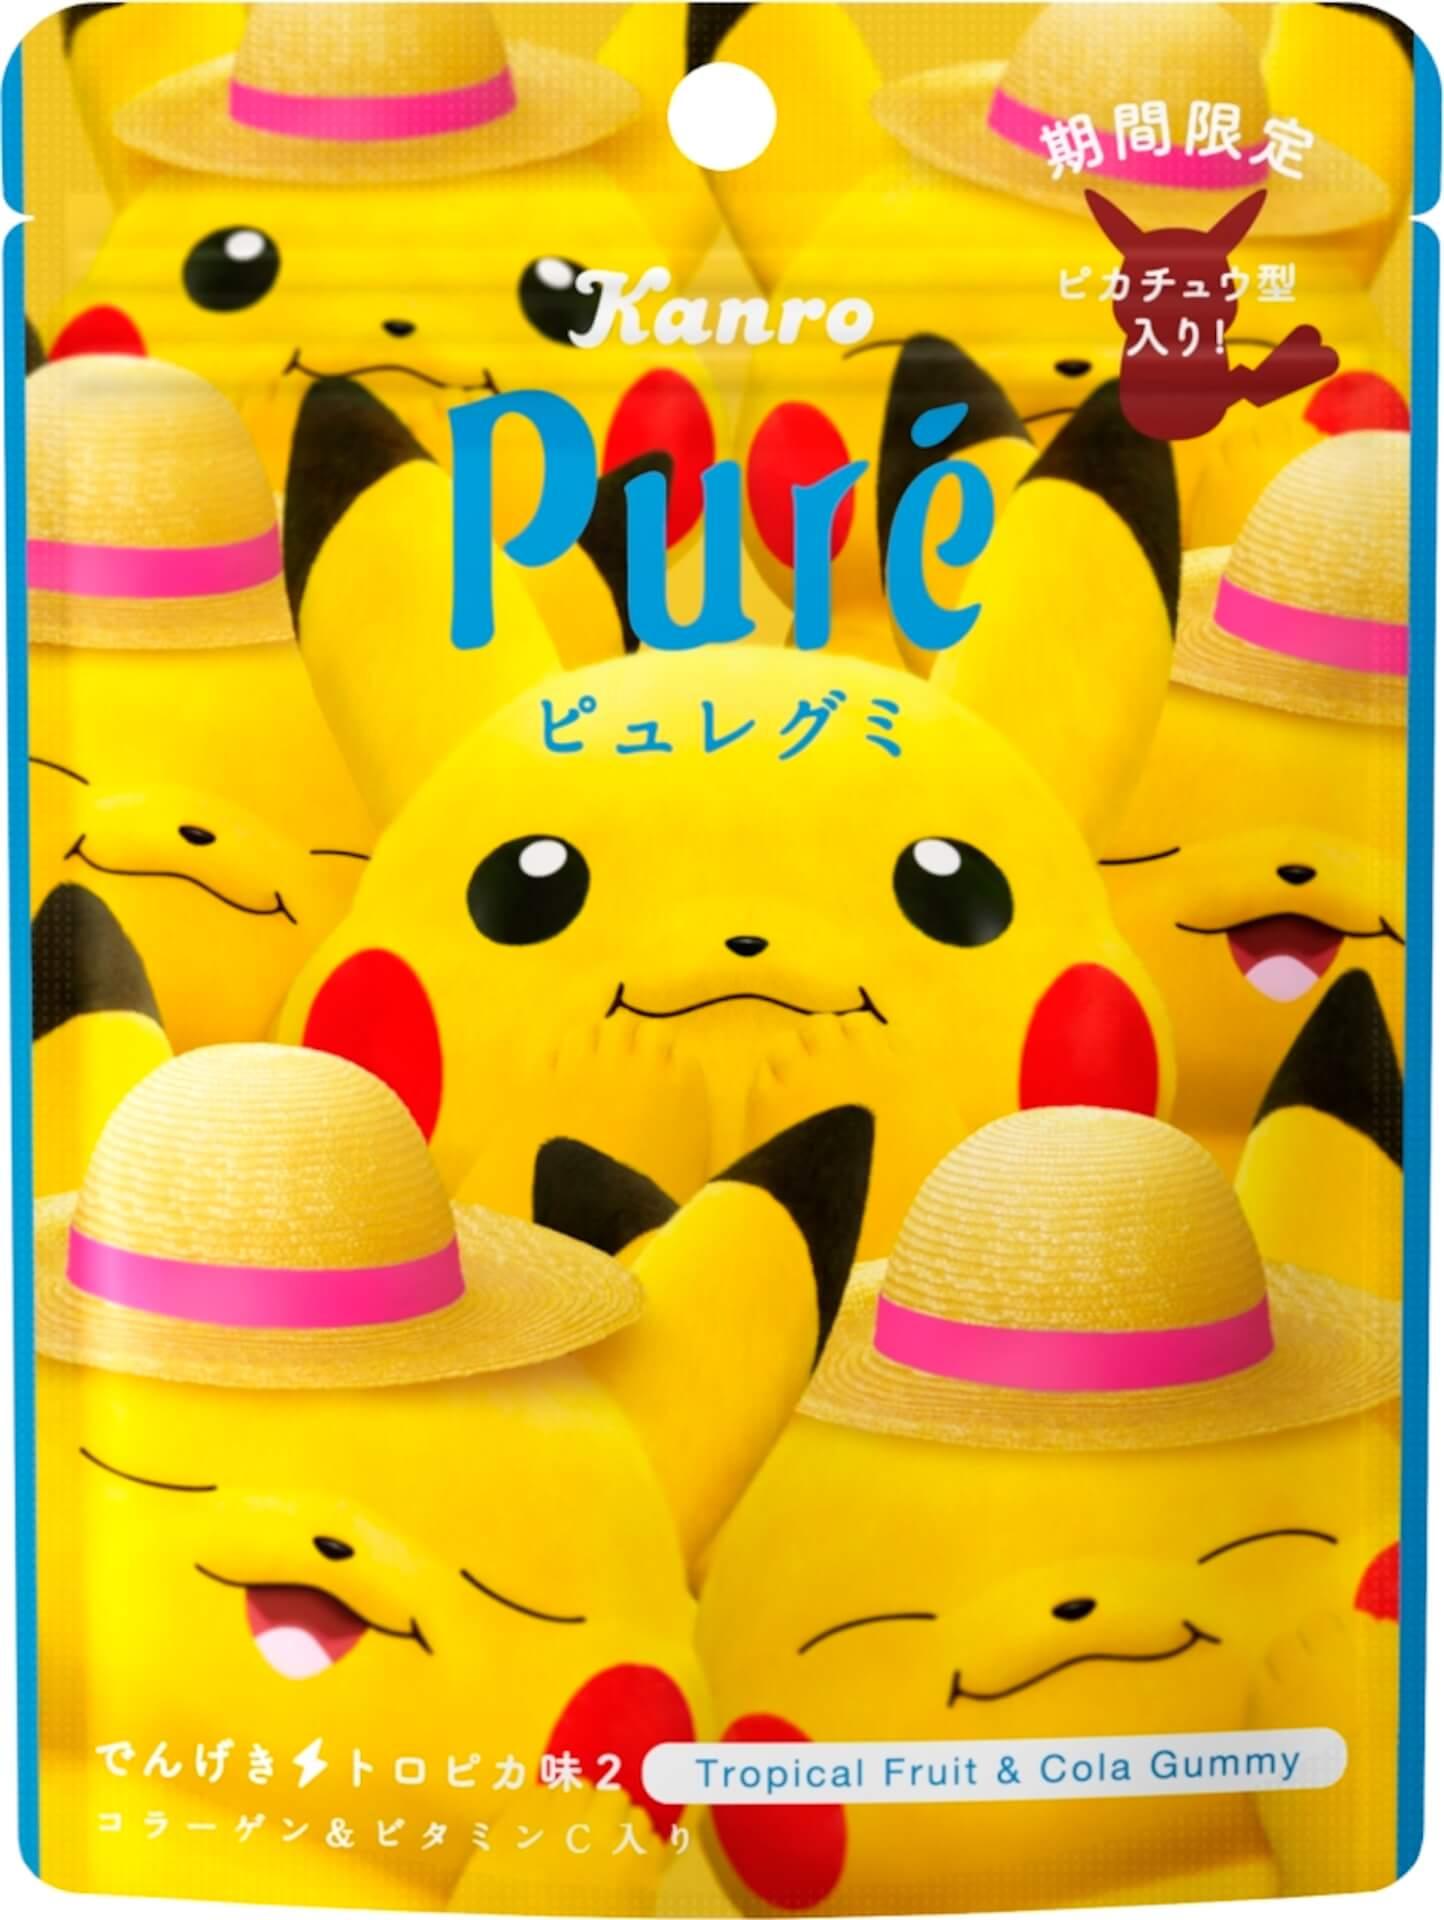 超キュートなピカチュウのグミがたくさん!大好評の「ピカチュウ ピュレグミ」第2弾が数量限定発売 gourmet200714_pure_pikachu_7